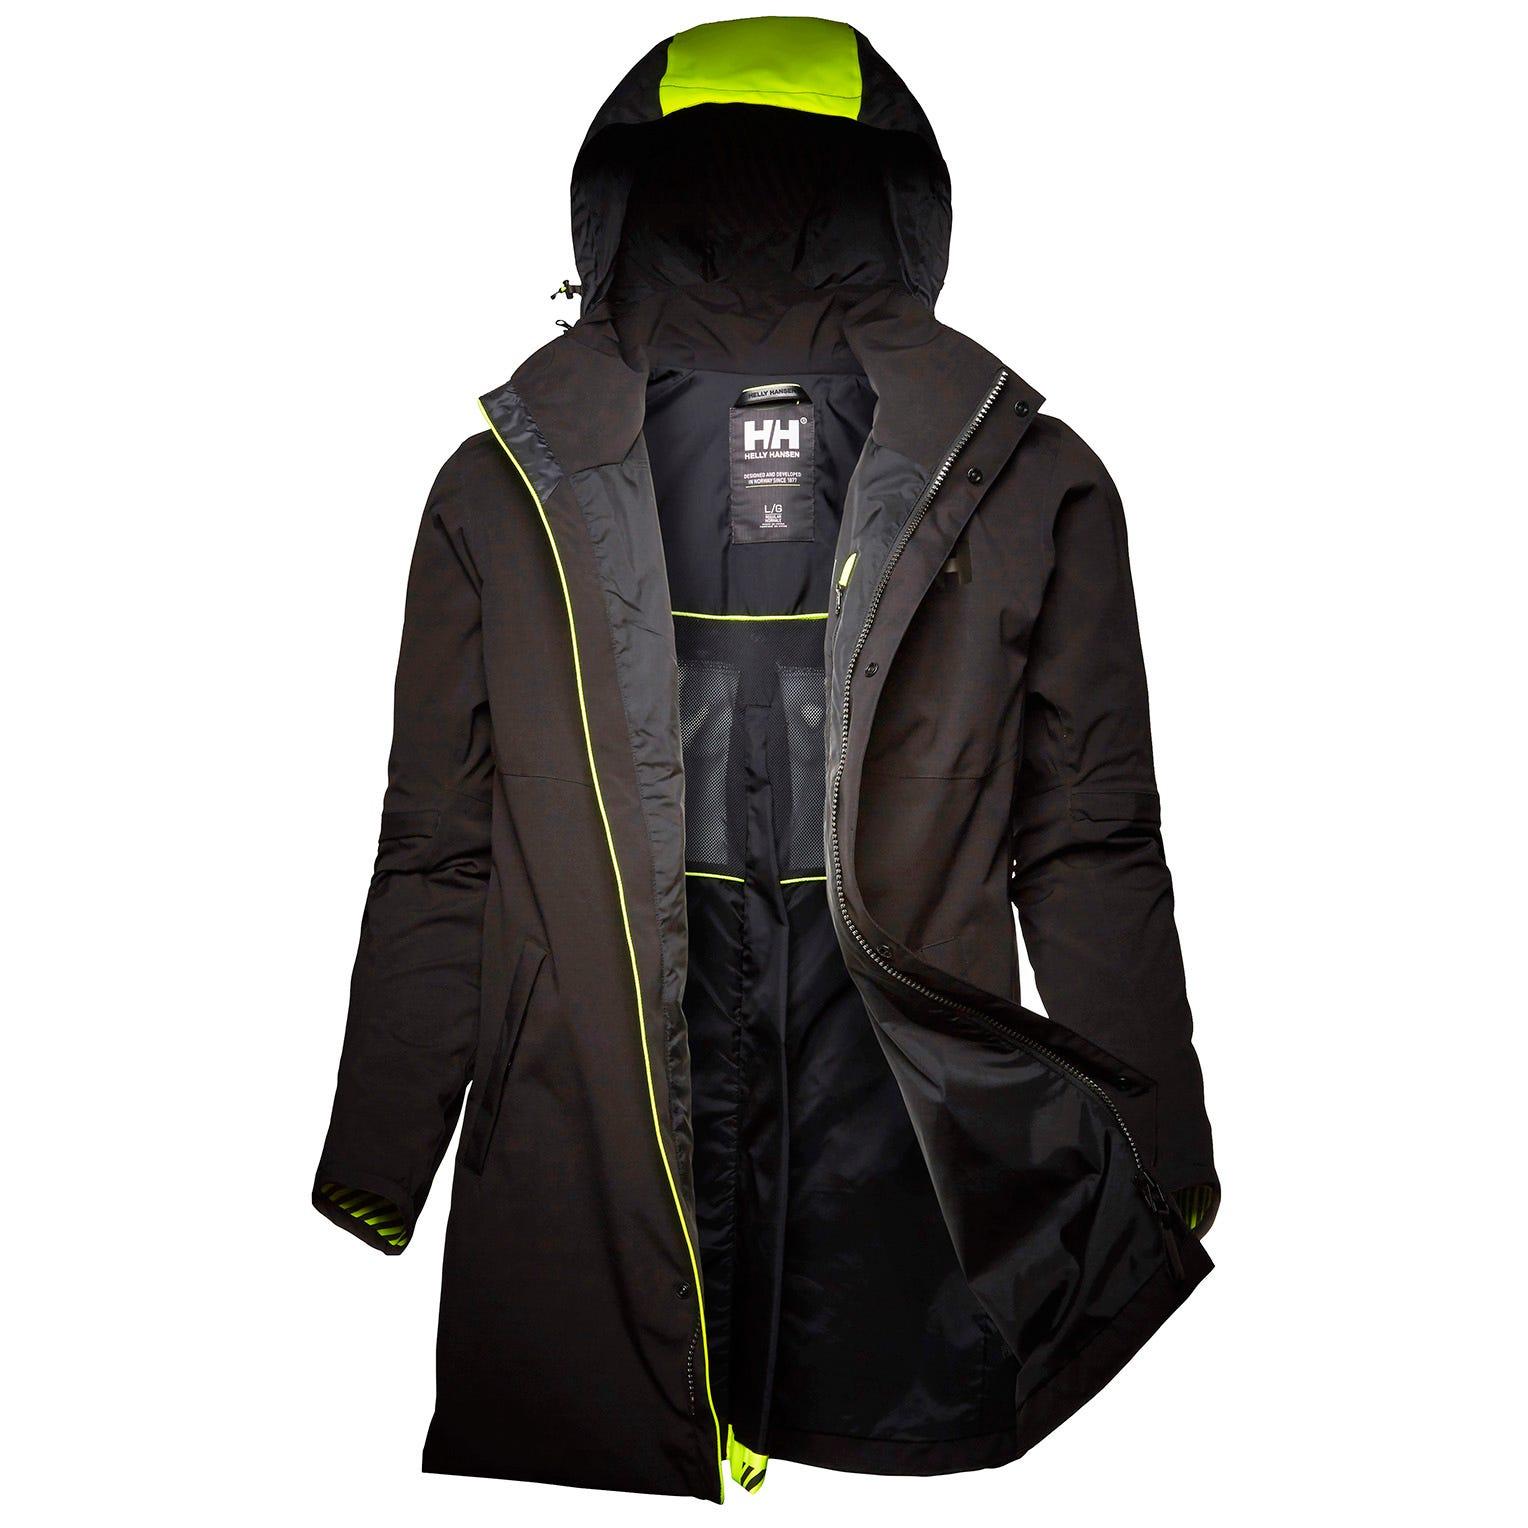 Helly Hansen Coasting Coat Rain Jacket Black S